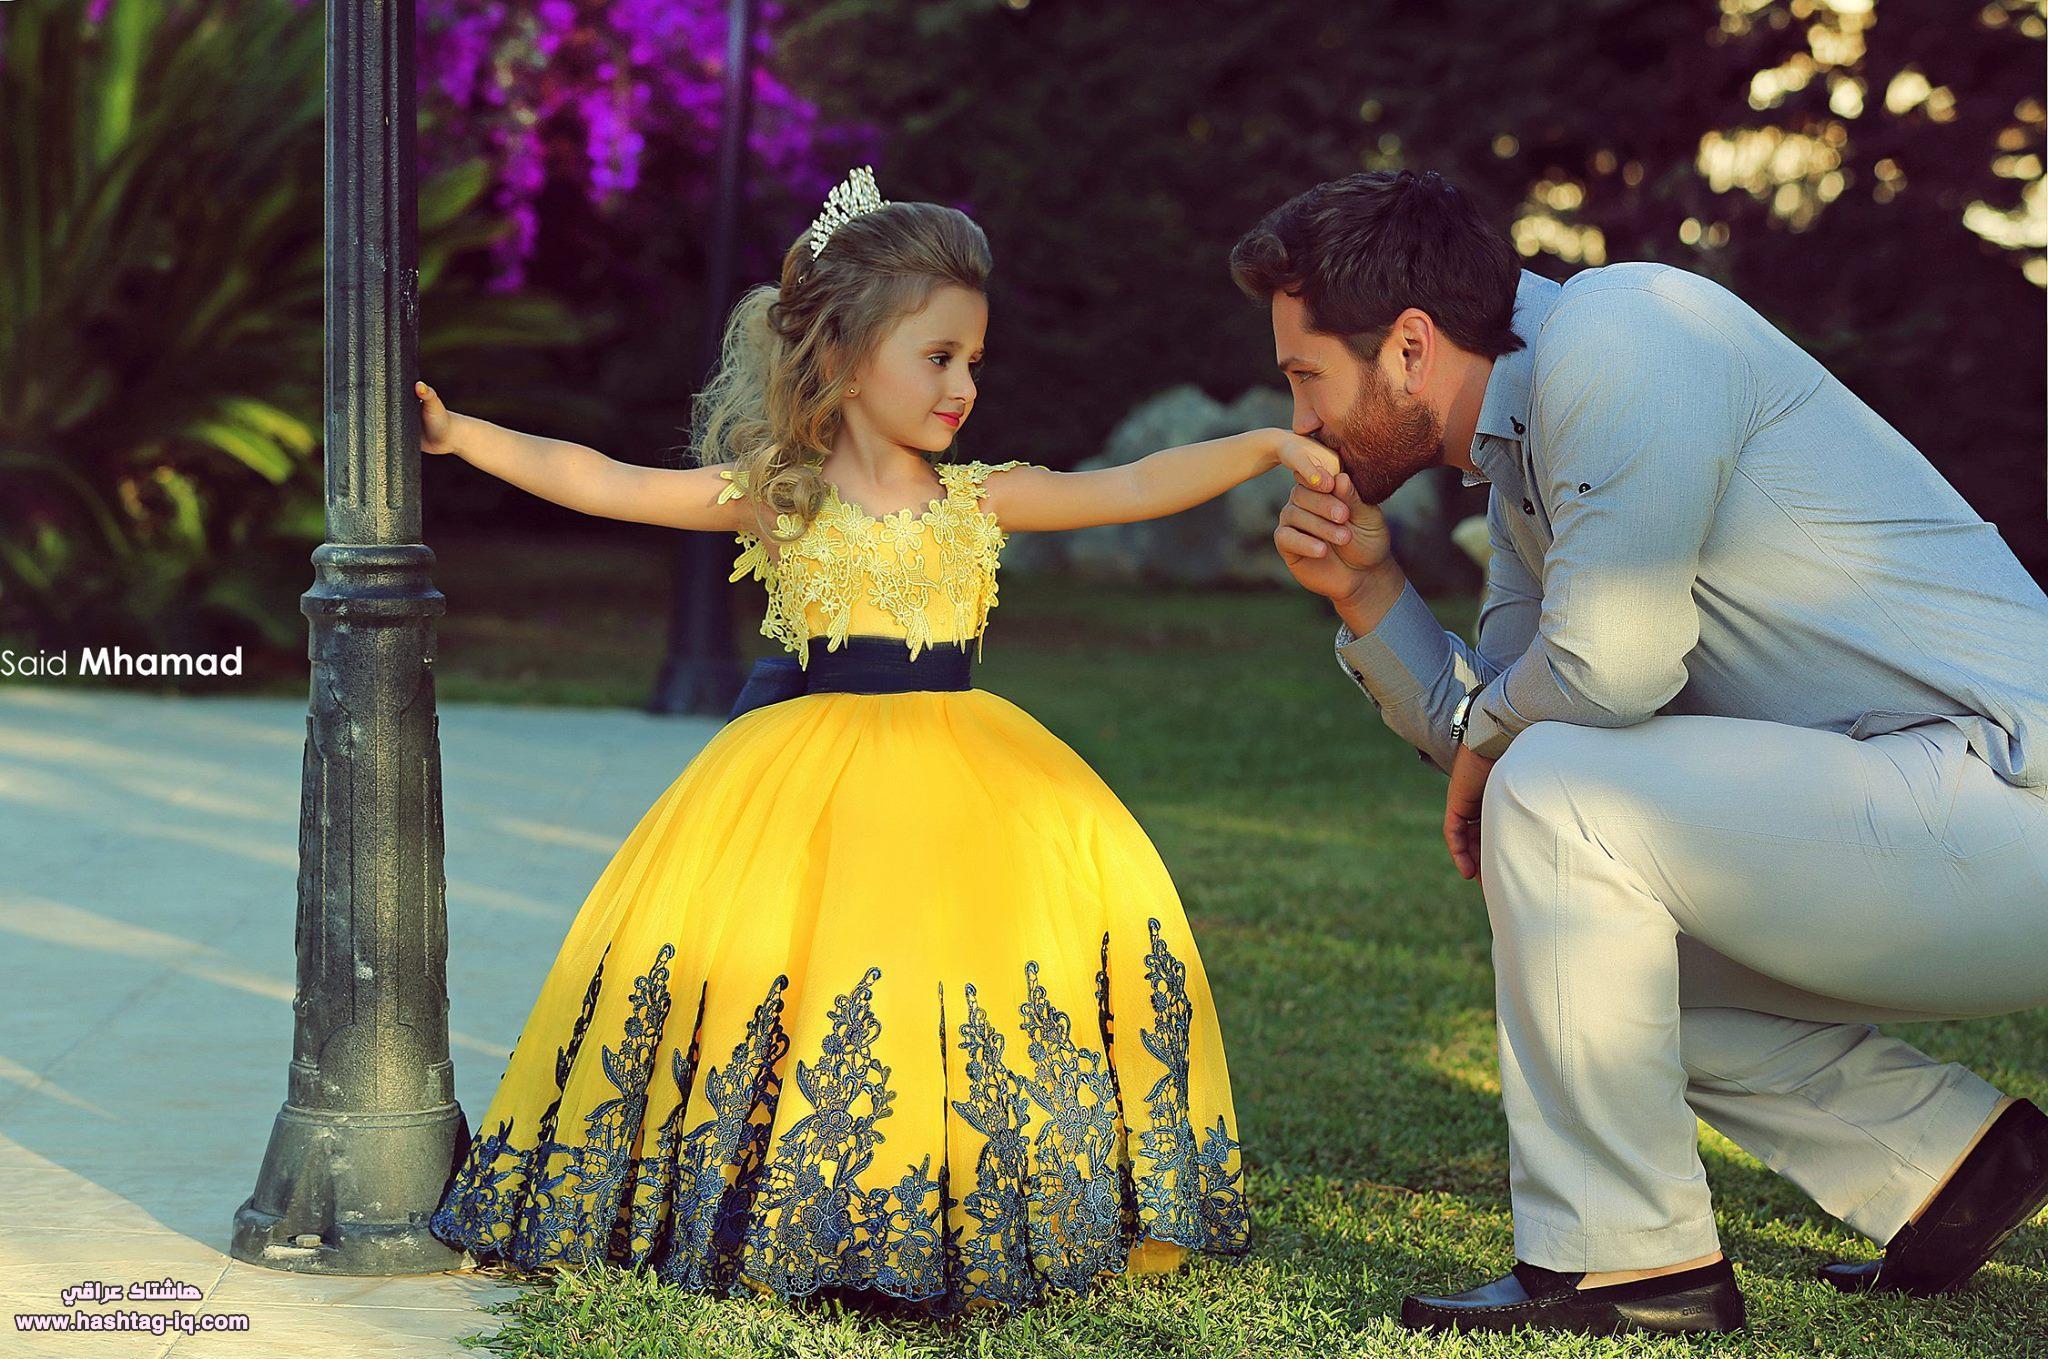 2021 مثير رخيصة الأصفر الأزرق الكرة ثوب فتاة فساتين مهرجان مع شاح الشريط زهرة فتاة فساتين الاطفال رسمية